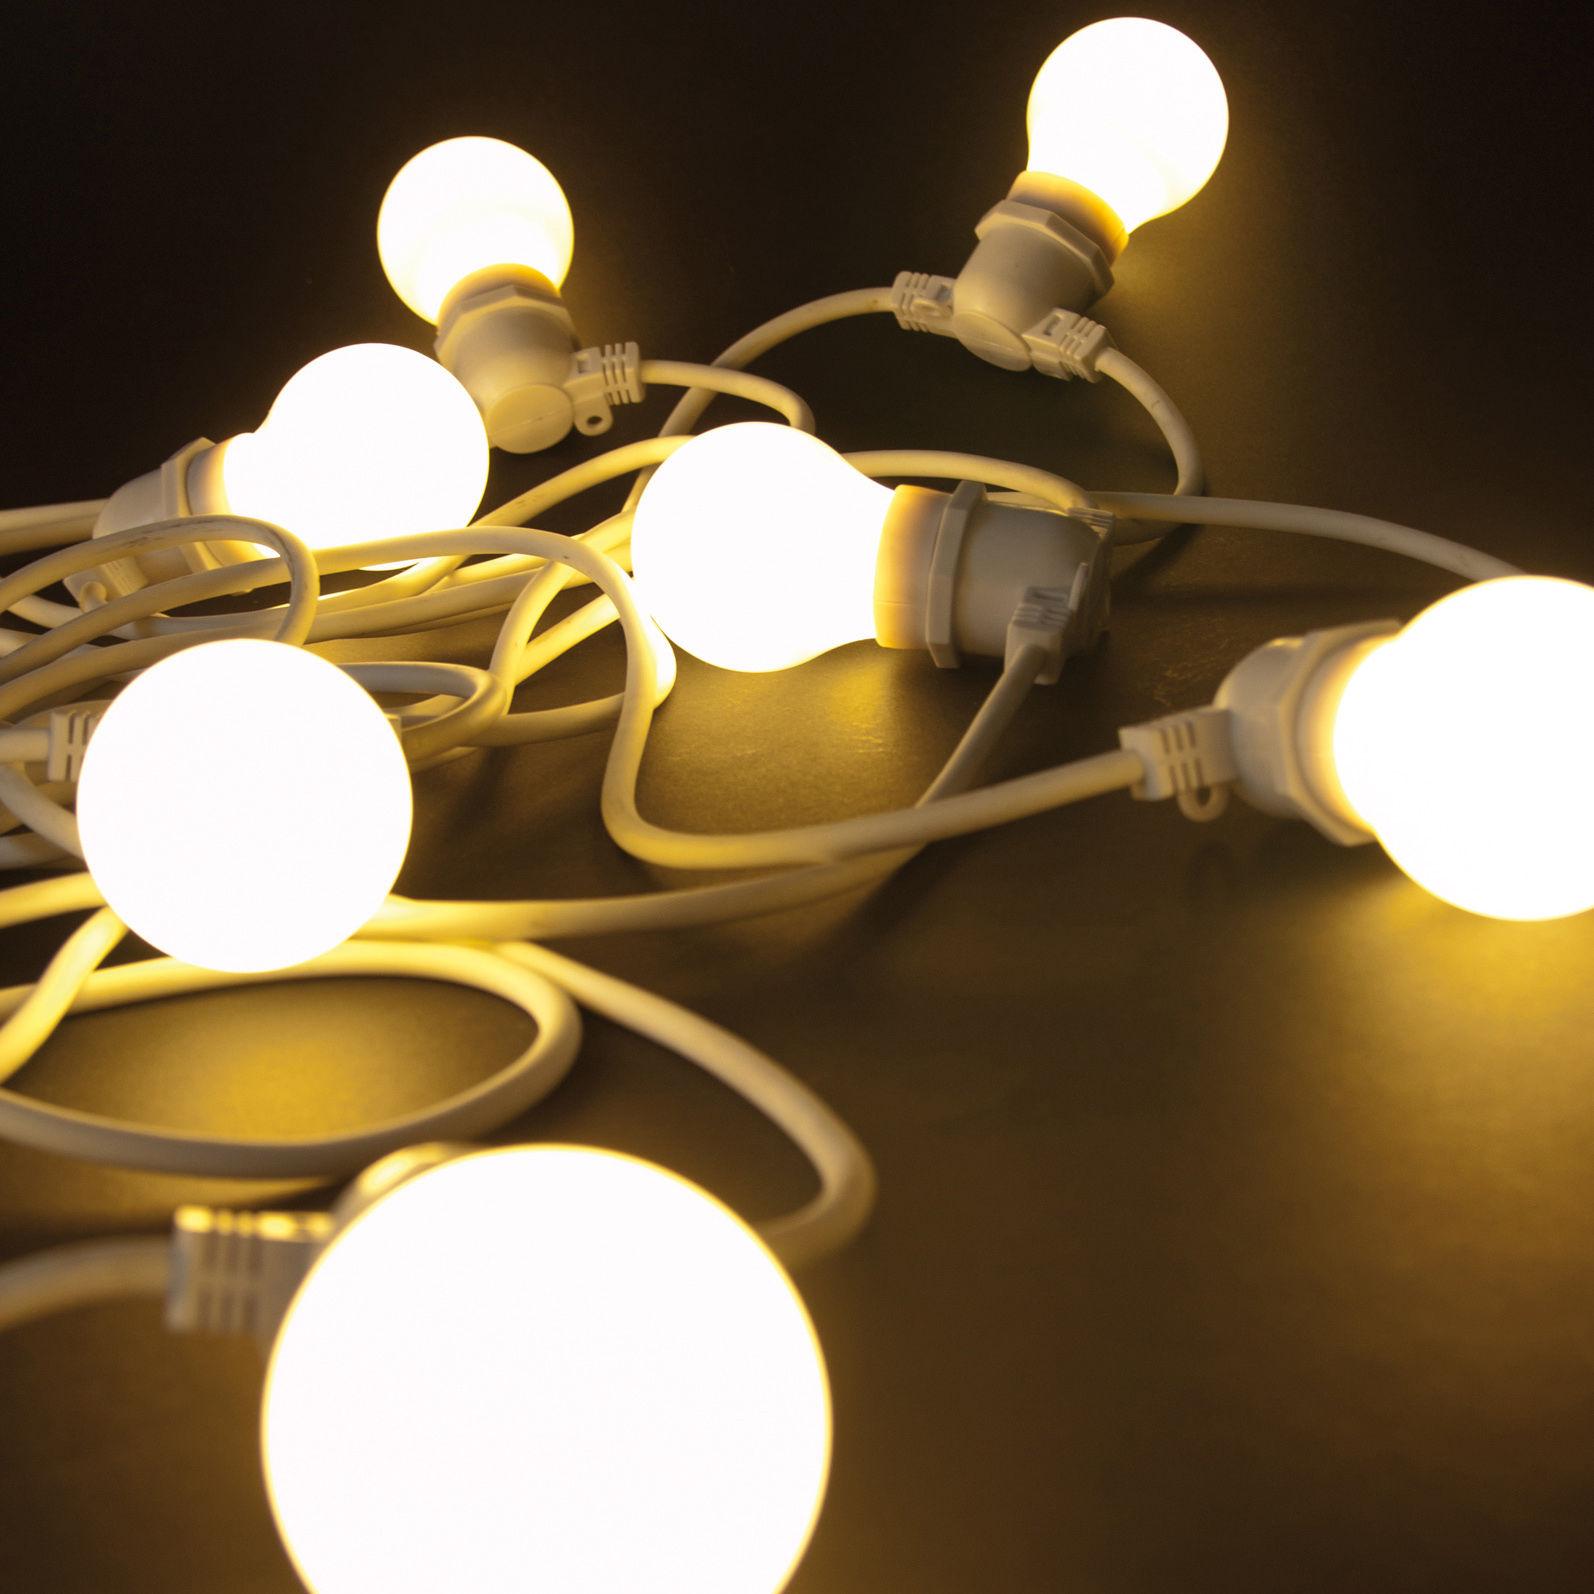 Illuminazione - Illuminazione da esterni - Ghirlanda luminosa Bella Vista - LED - Per esterno di Seletti - Cavo bianco - Gomma